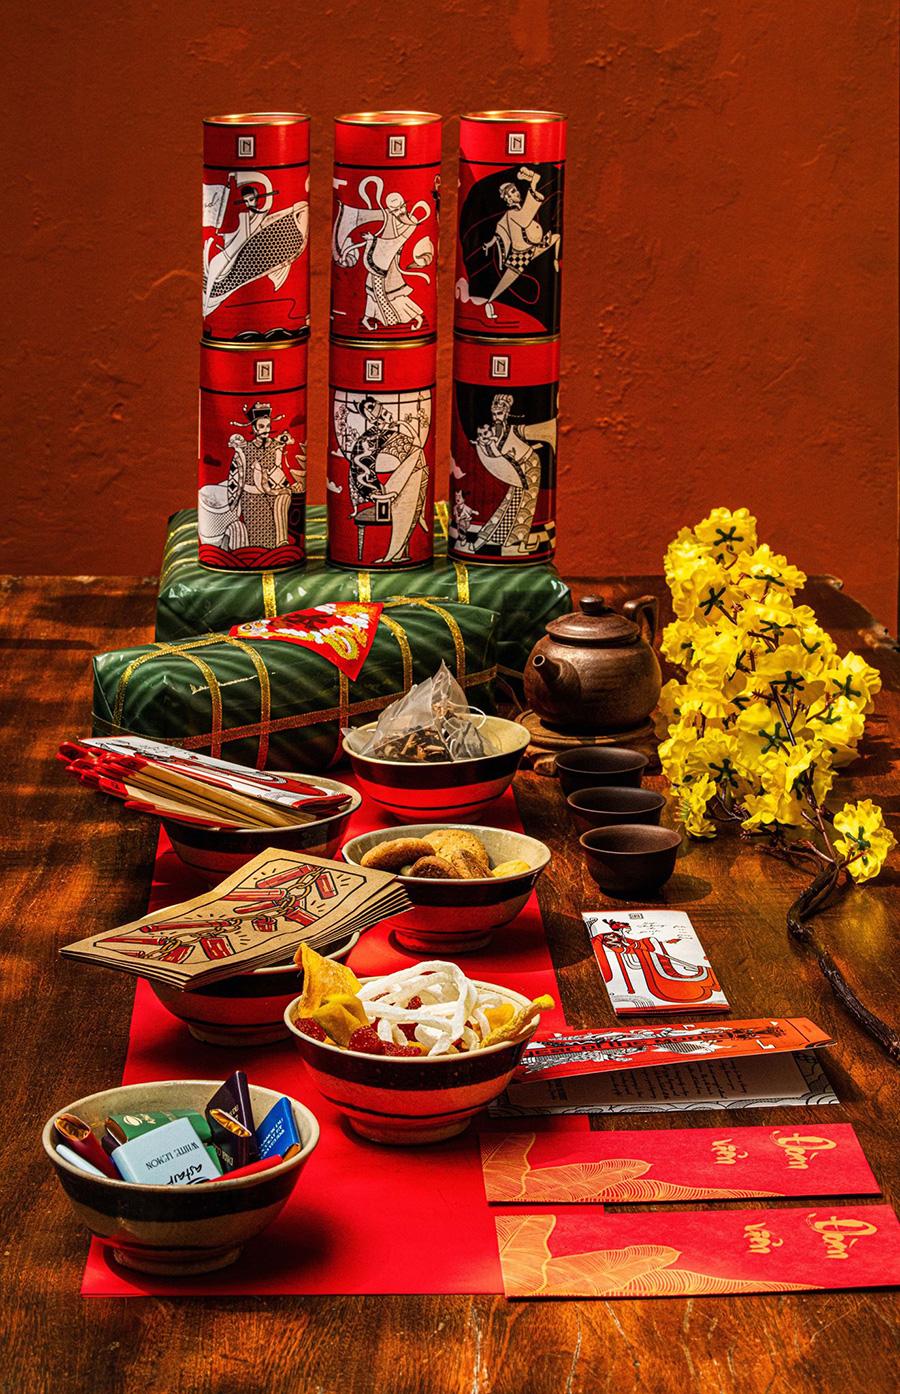 Những vị Thần ngày Tết - Di sản tín ngưỡng Việt Nam